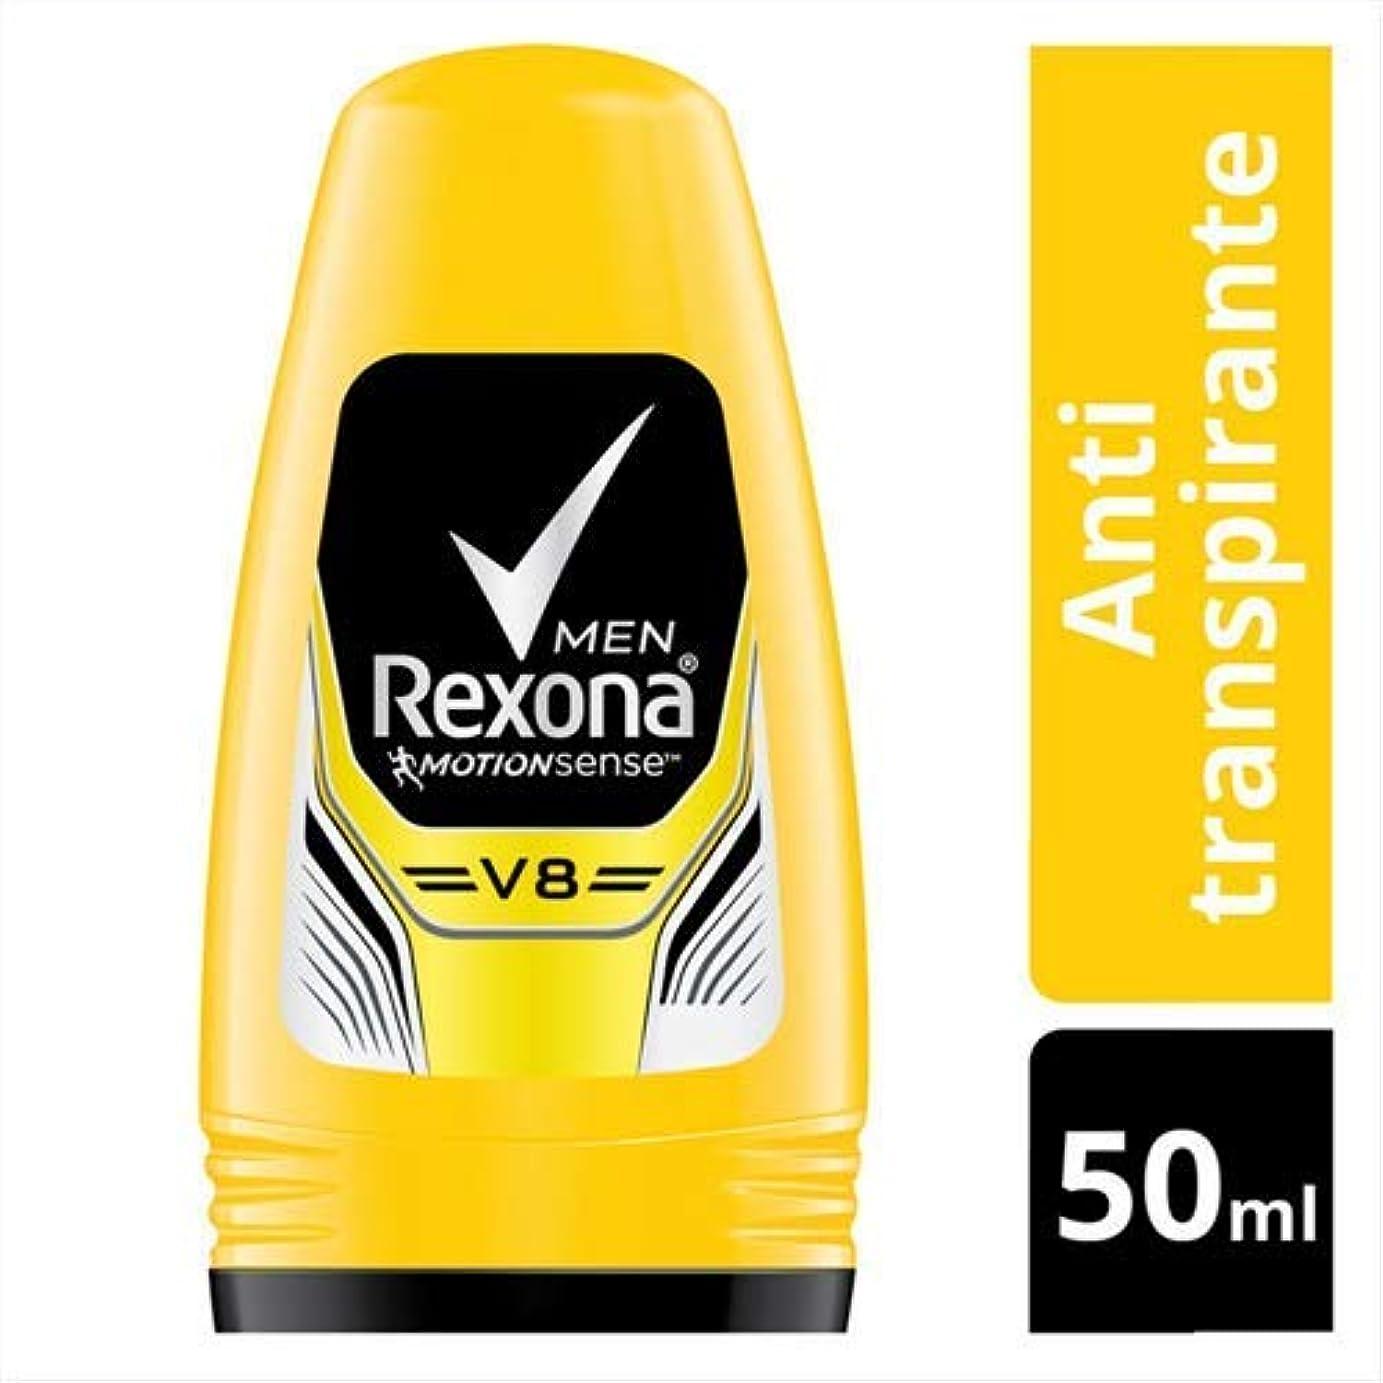 鼓舞する下手二度Rexona Men レクソーナ メンズ ブラジル製デオドラント ロールオン?V8 ブイエイト 50ml